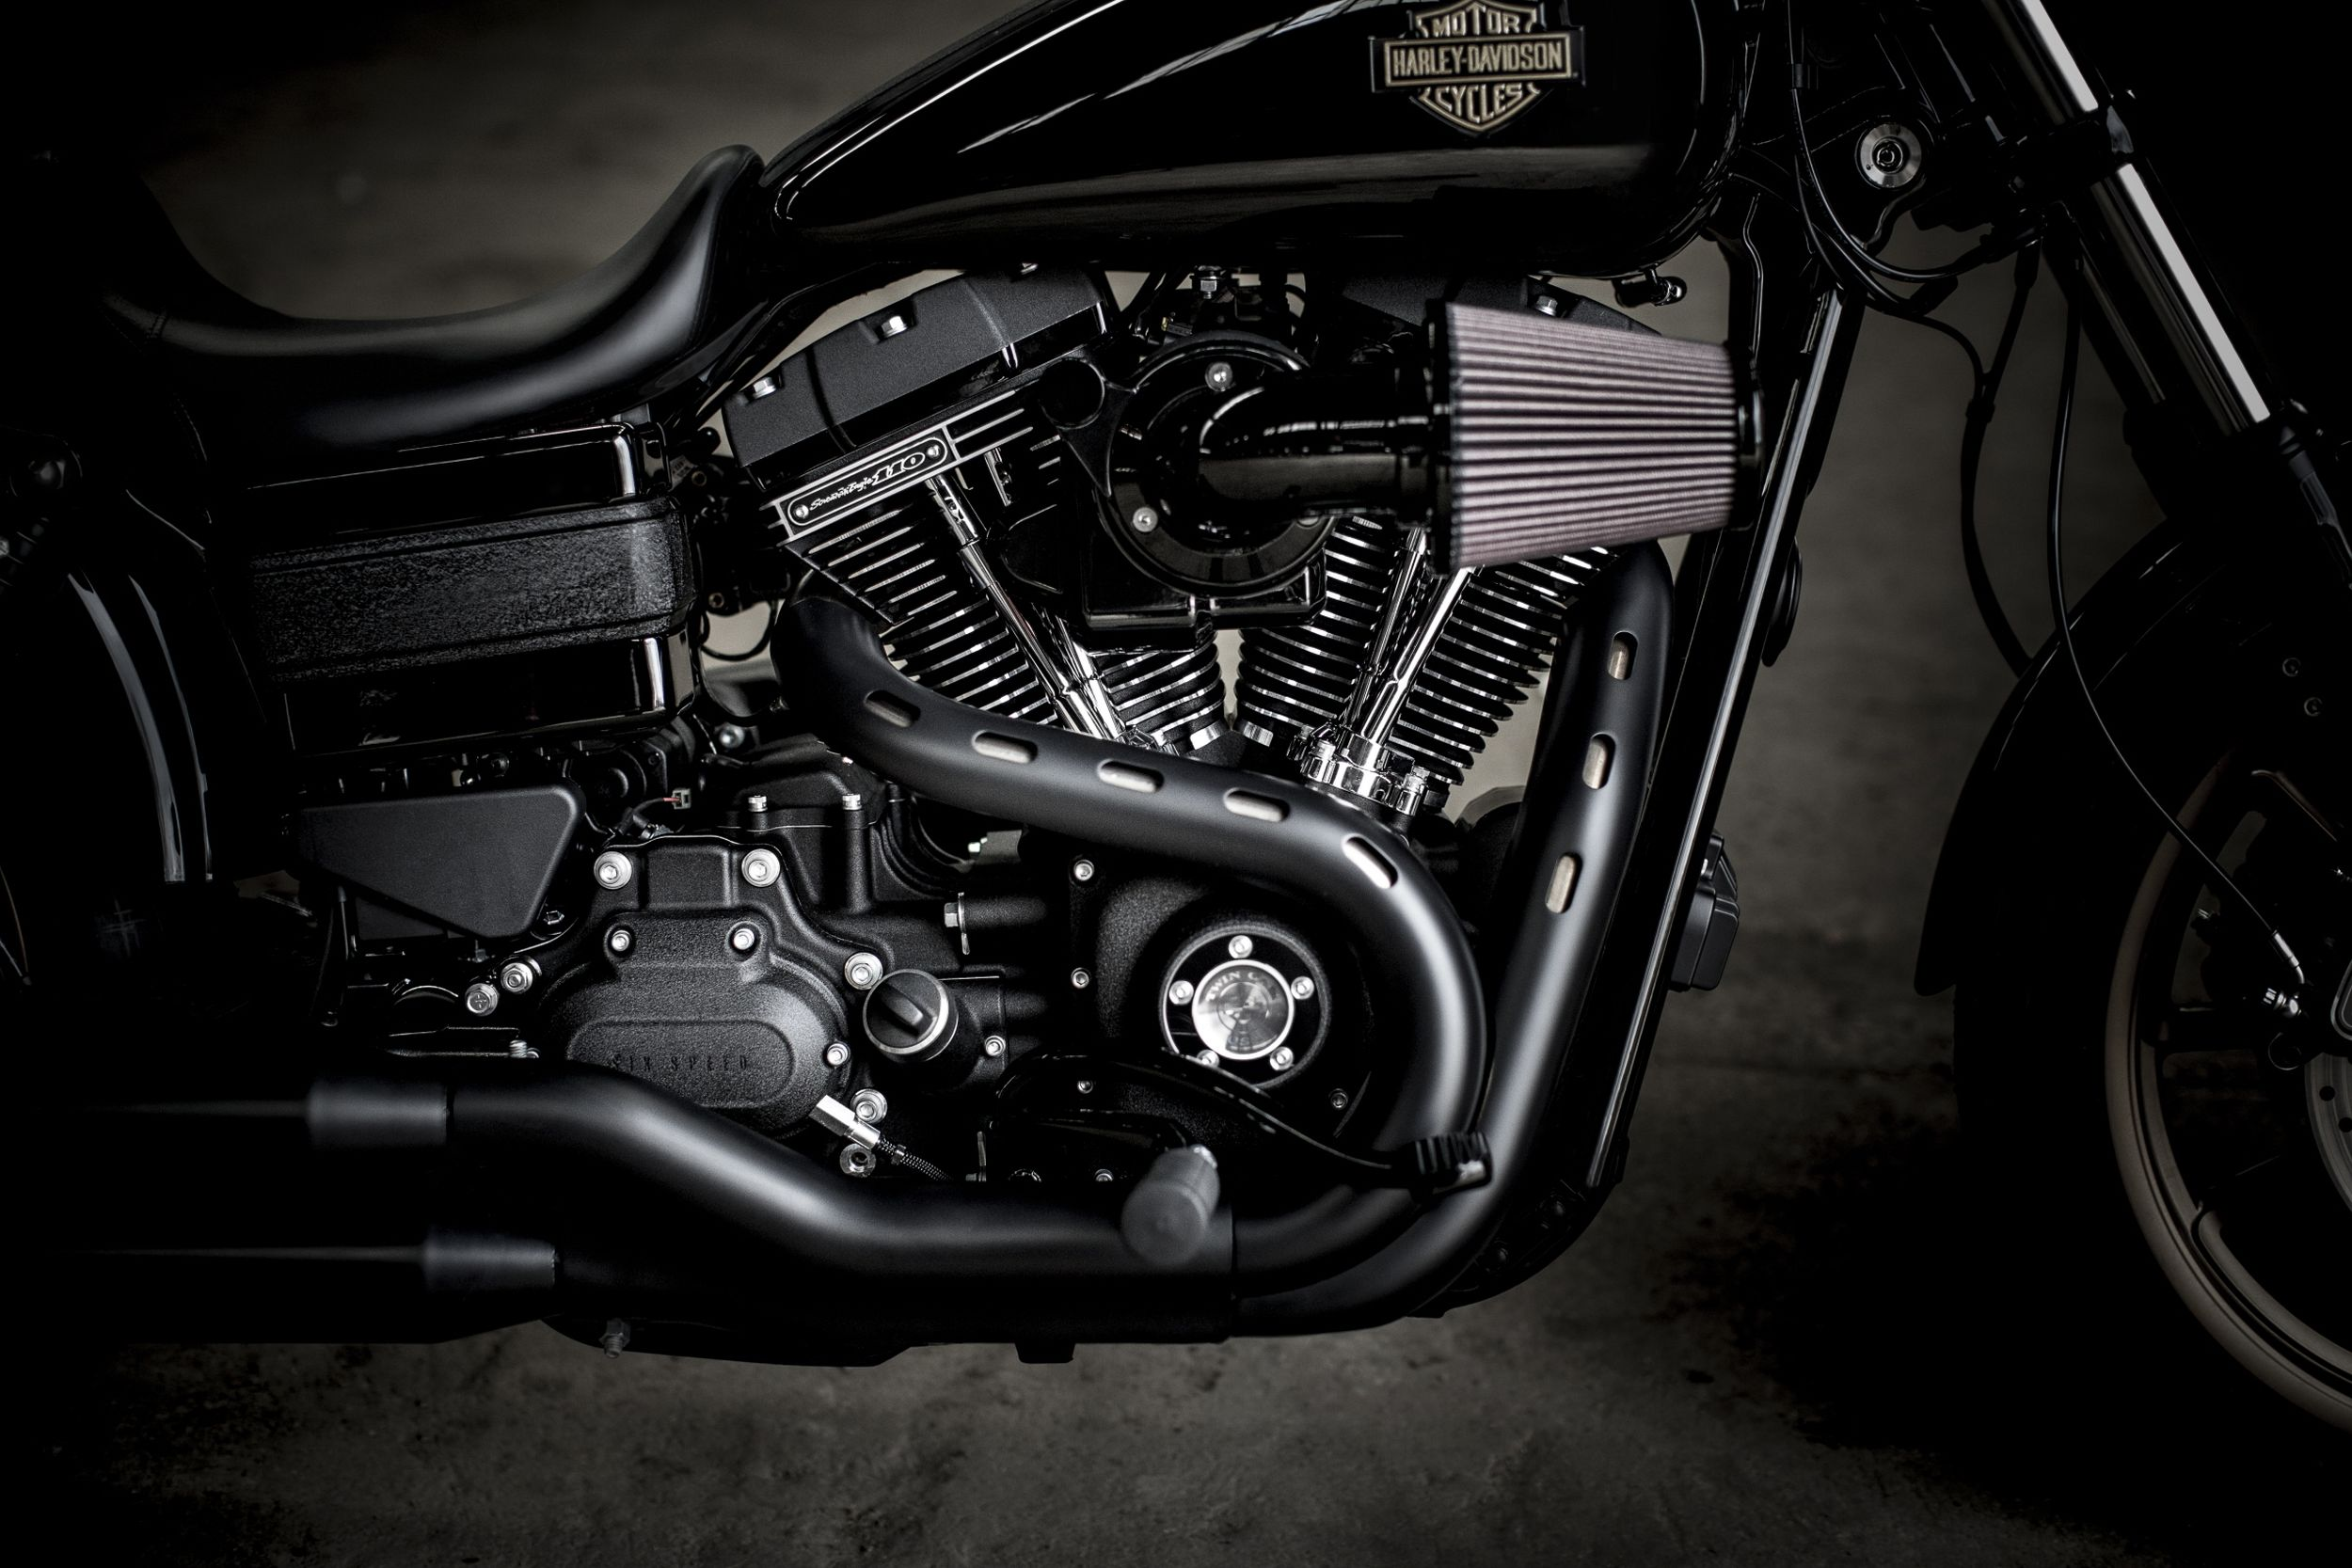 gebrauchte harley davidson dyna low rider s fxdls motorr der kaufen. Black Bedroom Furniture Sets. Home Design Ideas